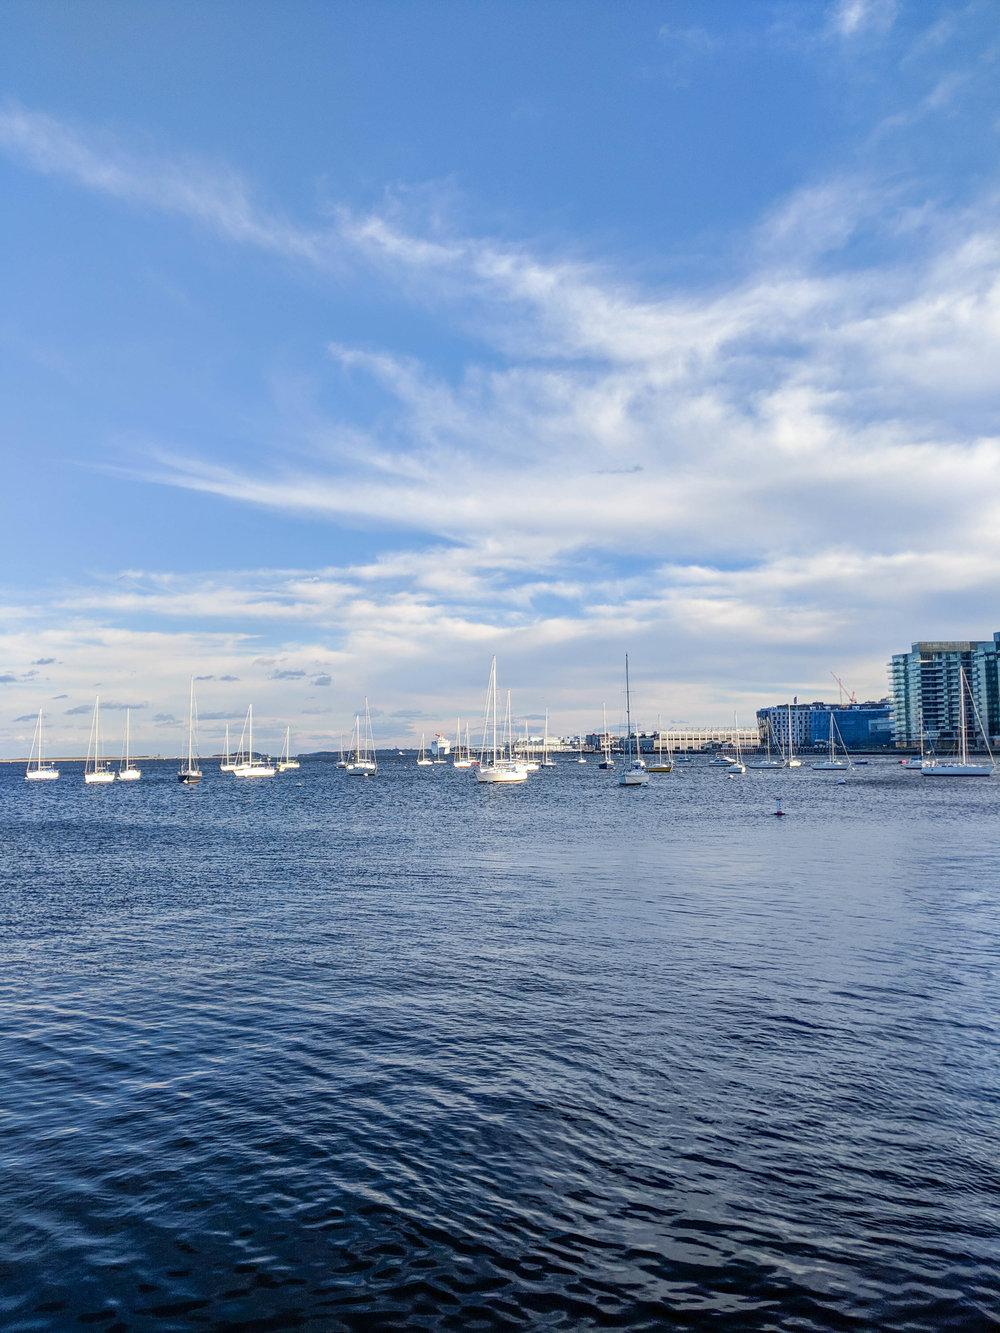 bri rinehart; photography; landscape; outdoors; boats; boston; harbor